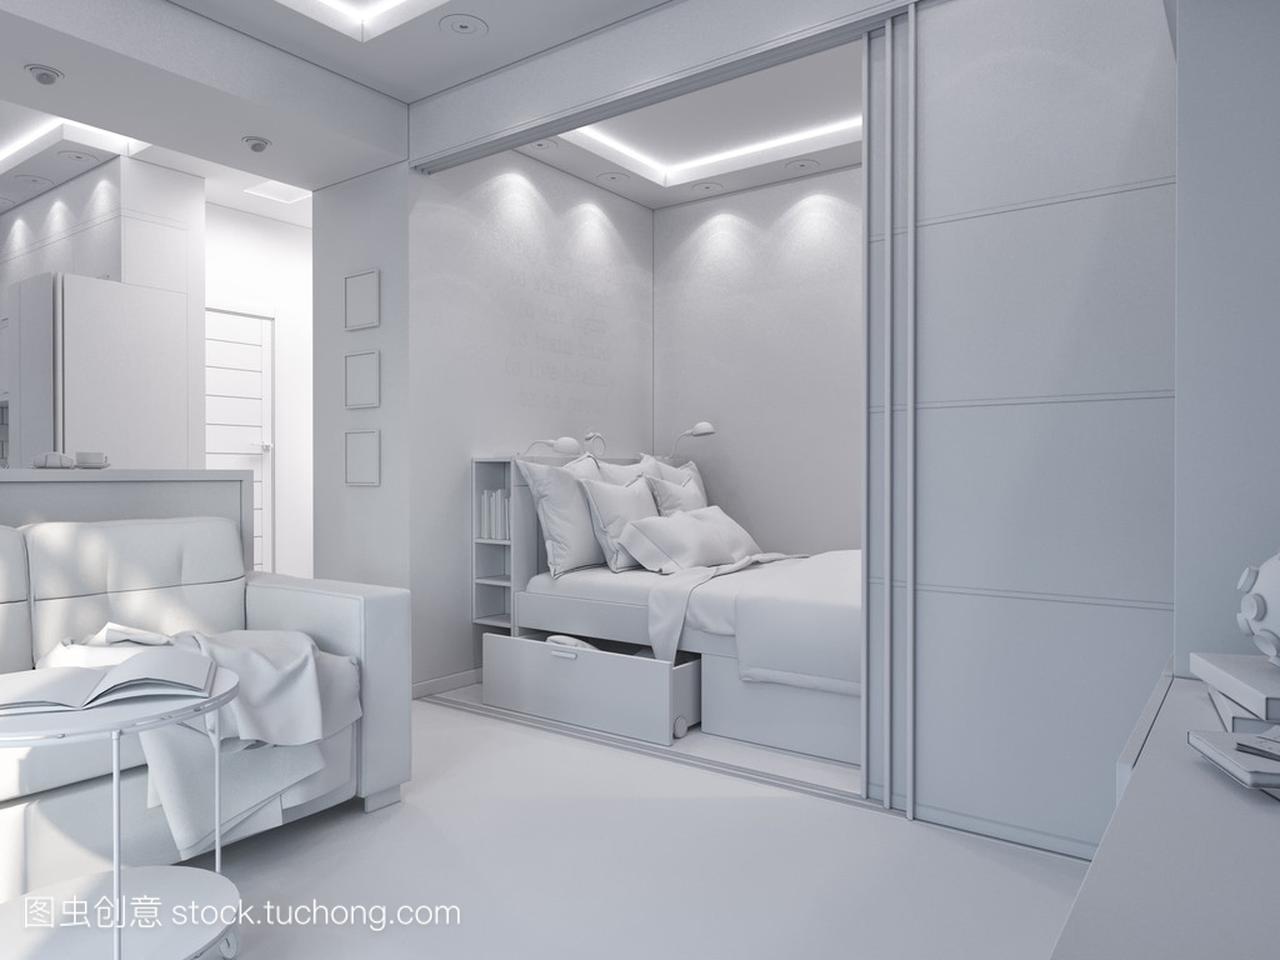 3d渲染卧室和客厅室内设计招聘宣传单设计图片素材图片